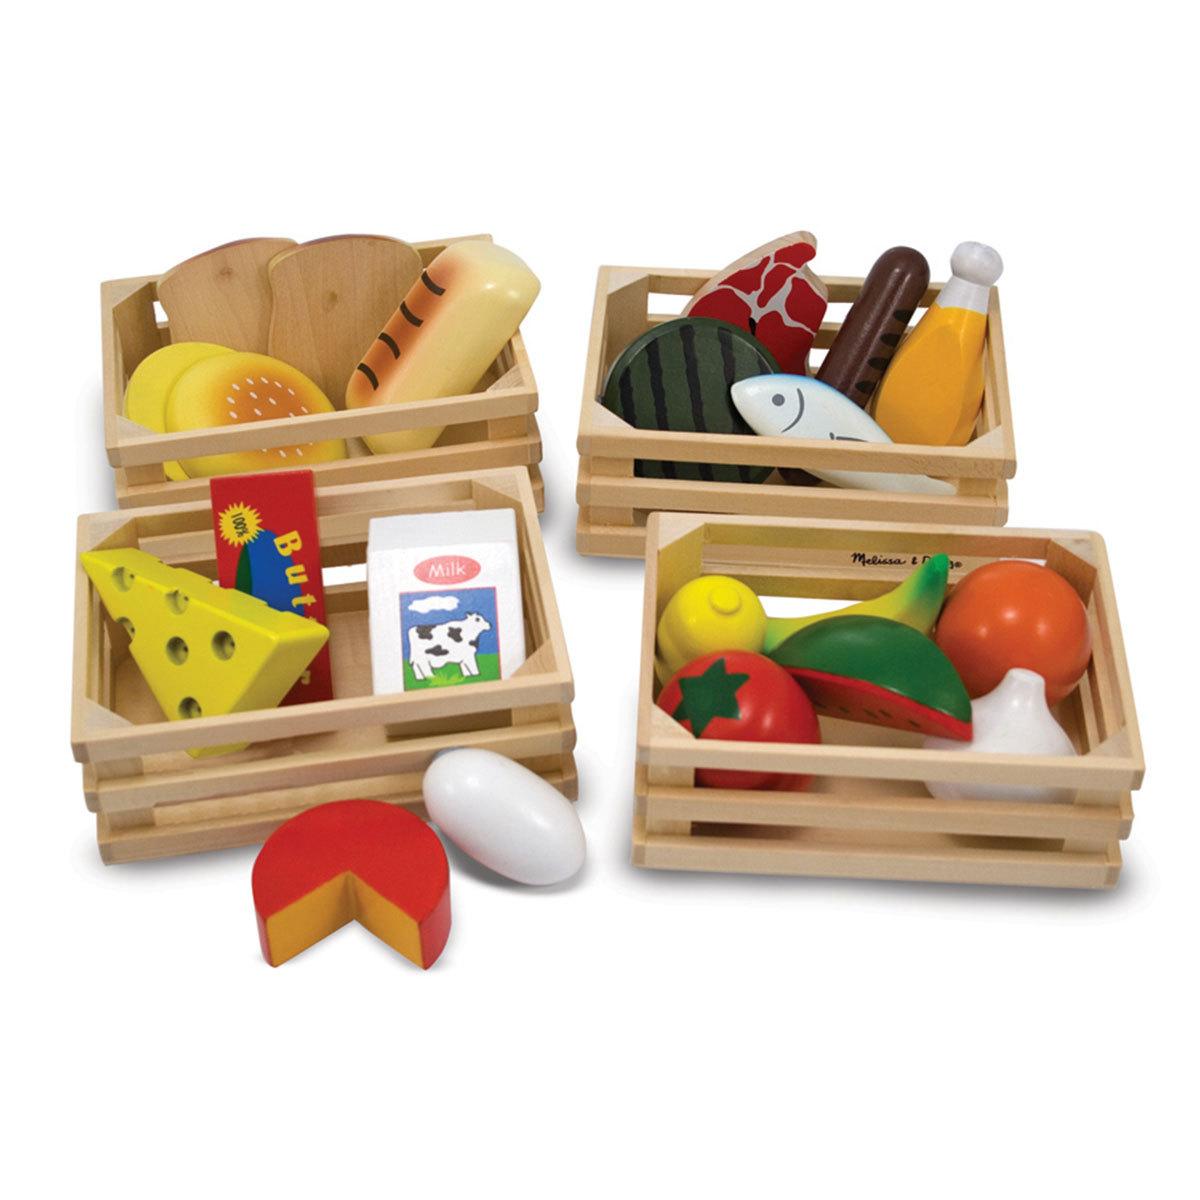 melissa doug caisses d 39 aliments en bois mes premiers jouets melissa doug sur l 39 armoire de b b. Black Bedroom Furniture Sets. Home Design Ideas